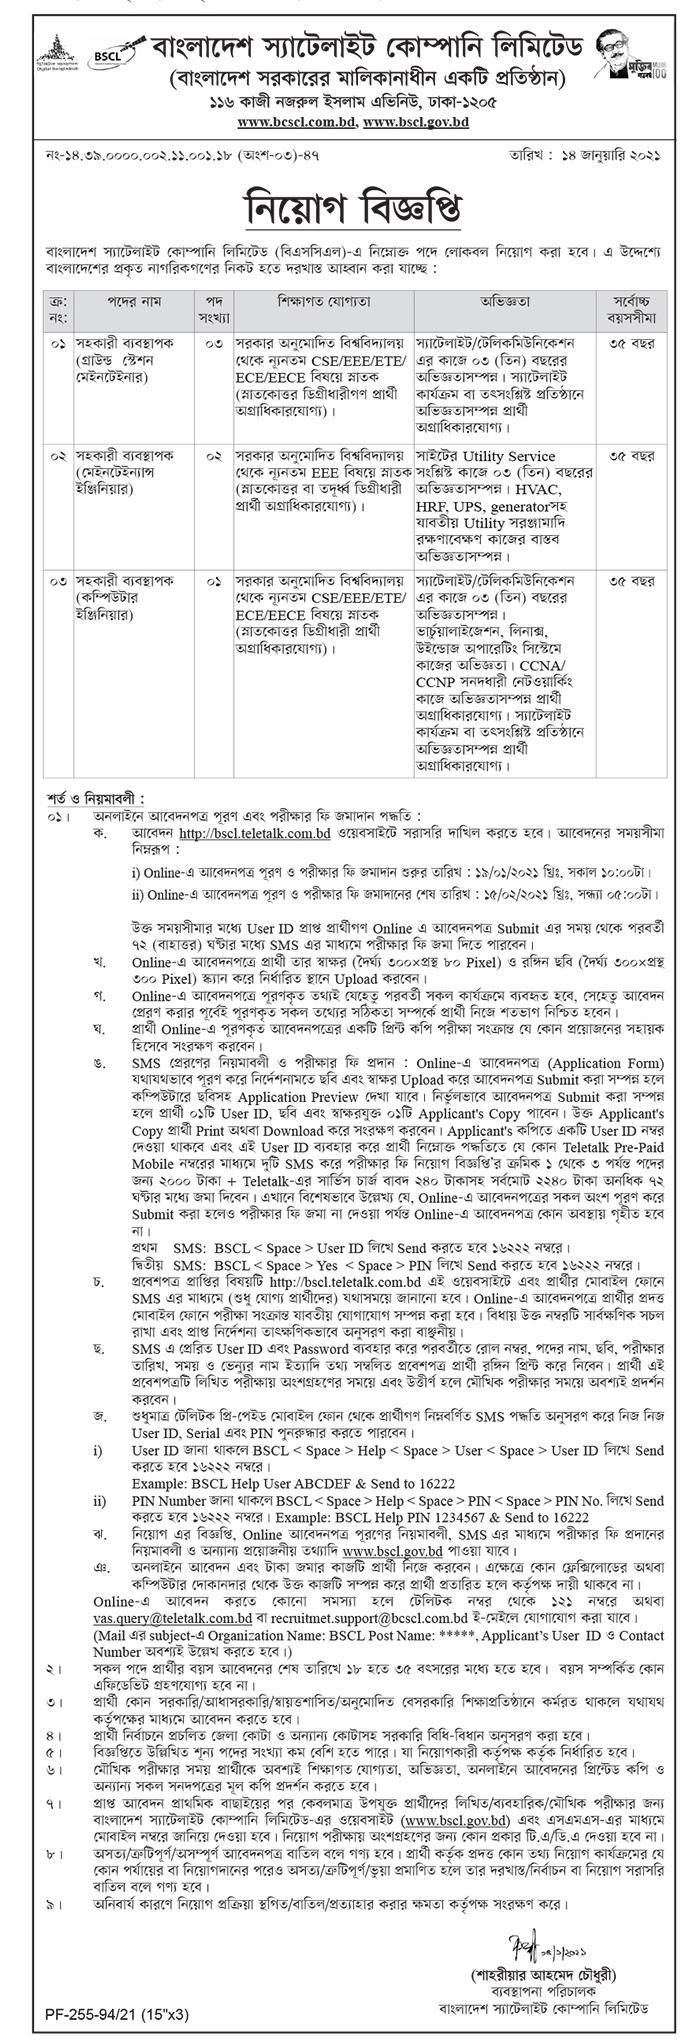 bscl-job-notice